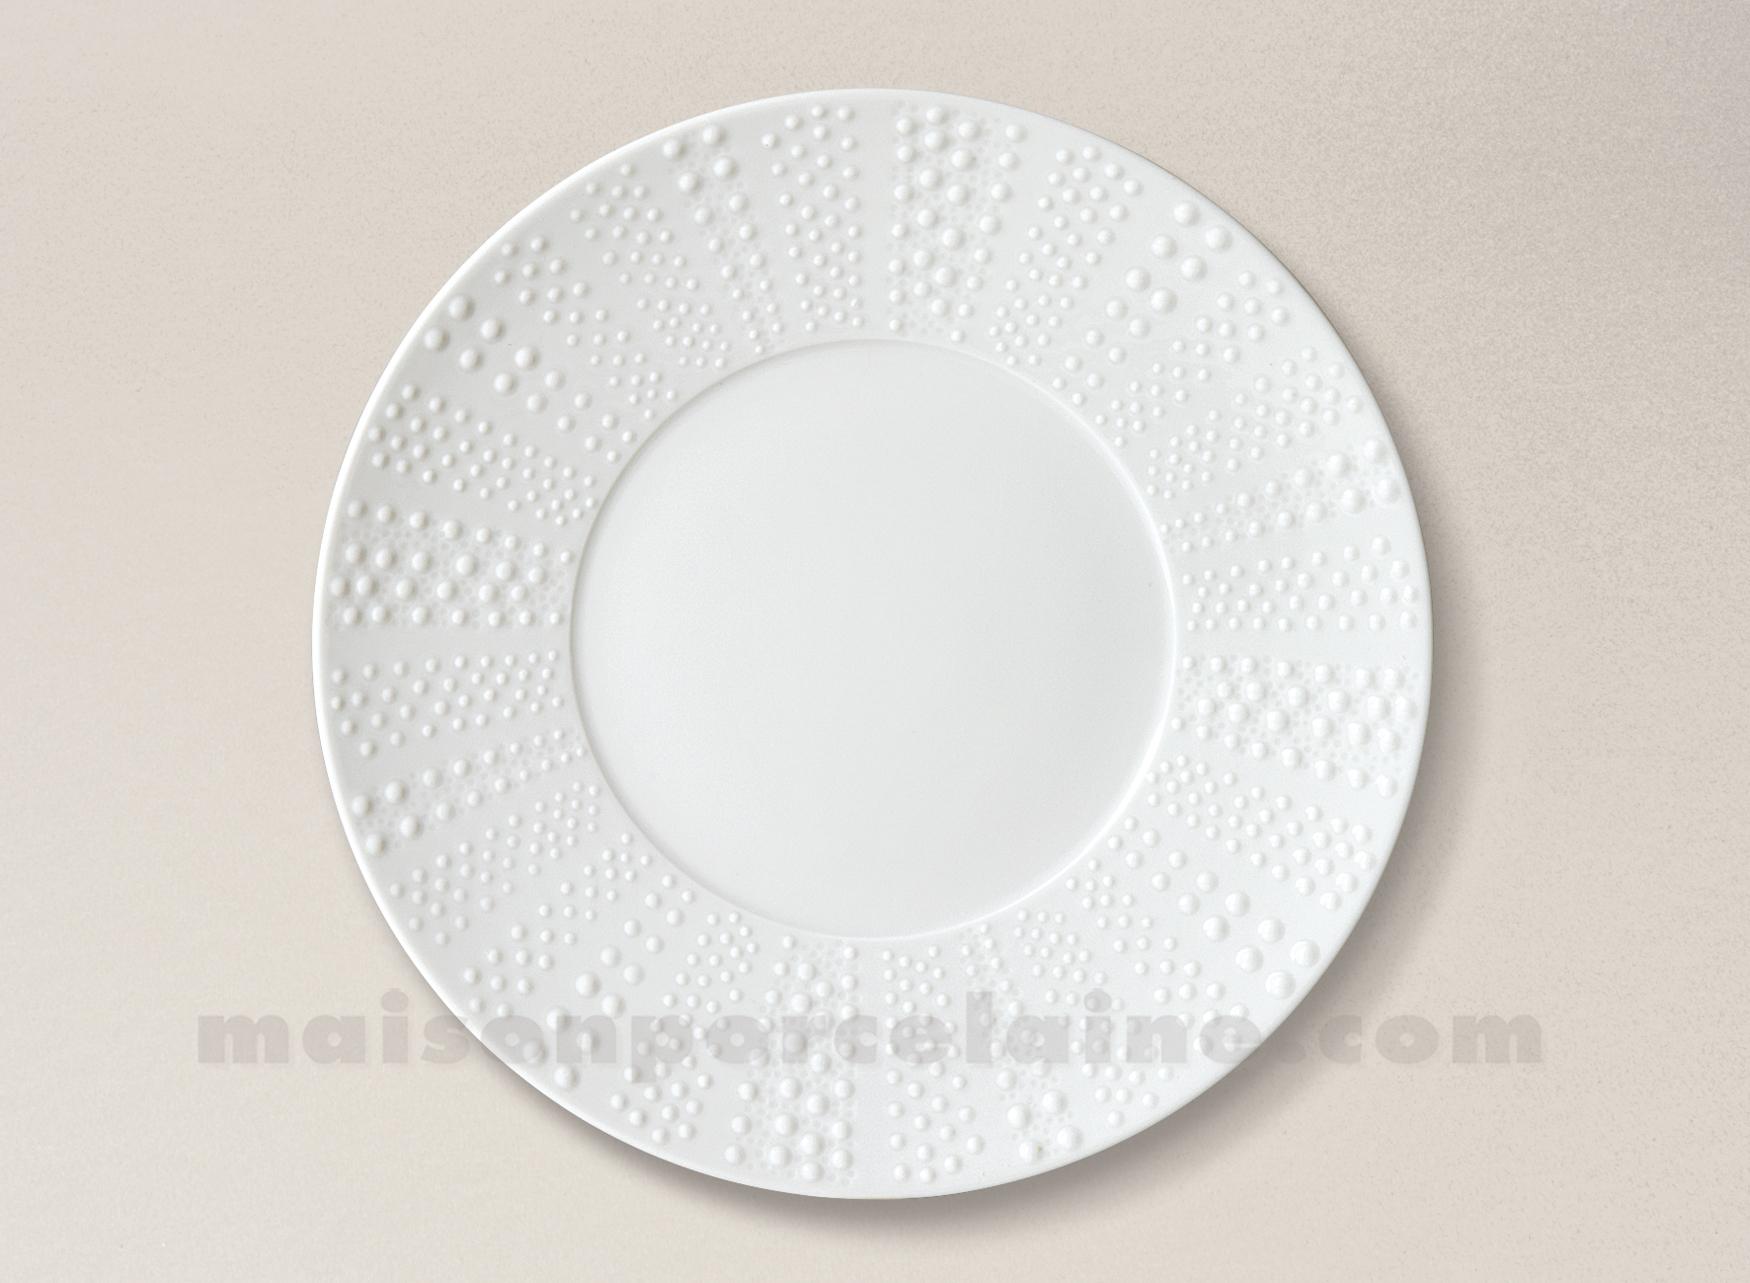 assiette plate pate extra blanche limoges sania d27 5 maison de la porcelaine. Black Bedroom Furniture Sets. Home Design Ideas